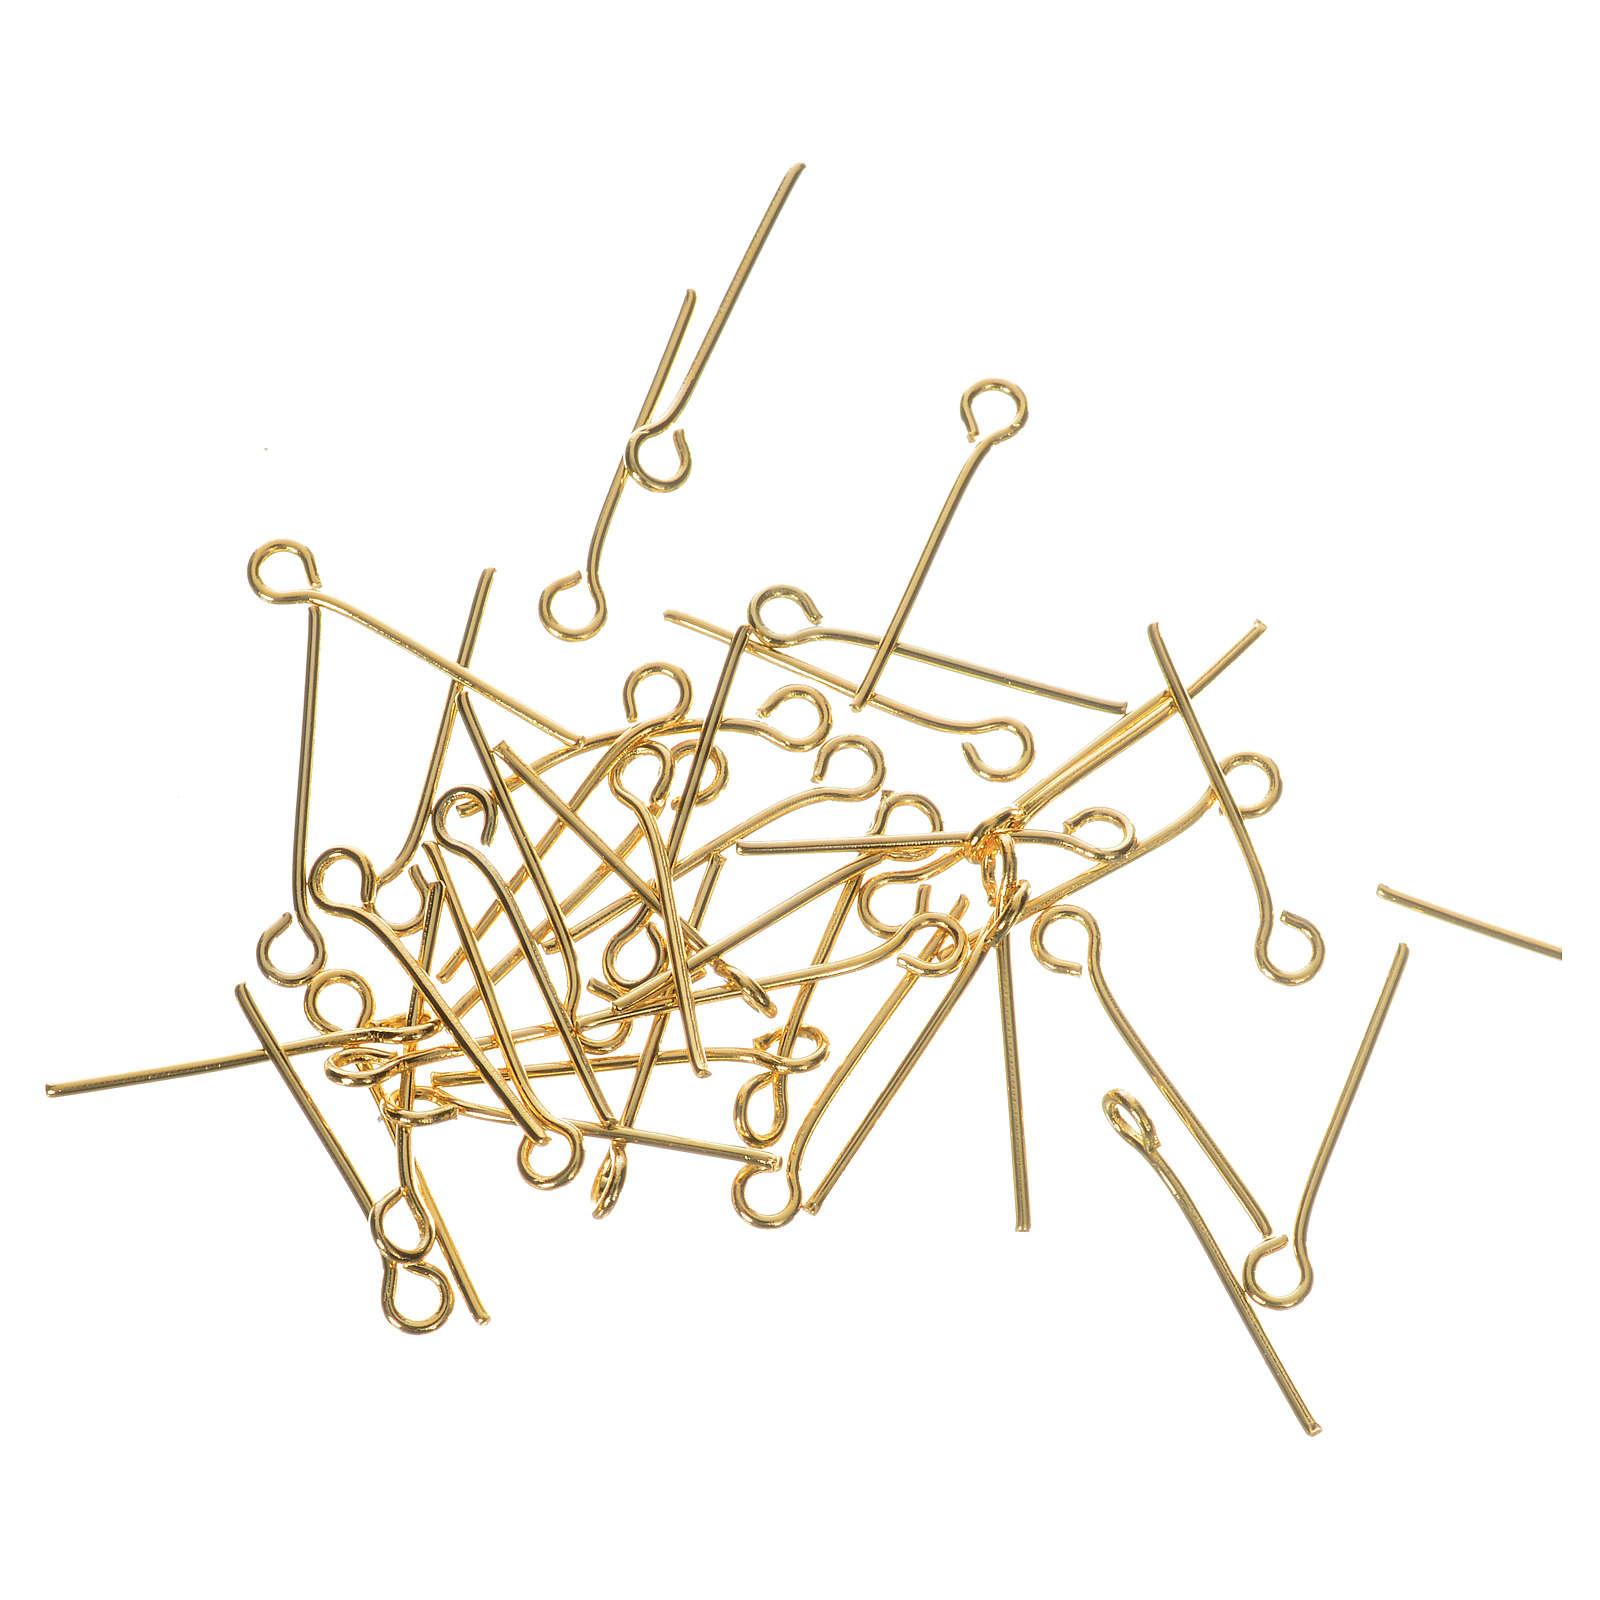 Clous métal doré pour chapelet à réaliser soi-même 4